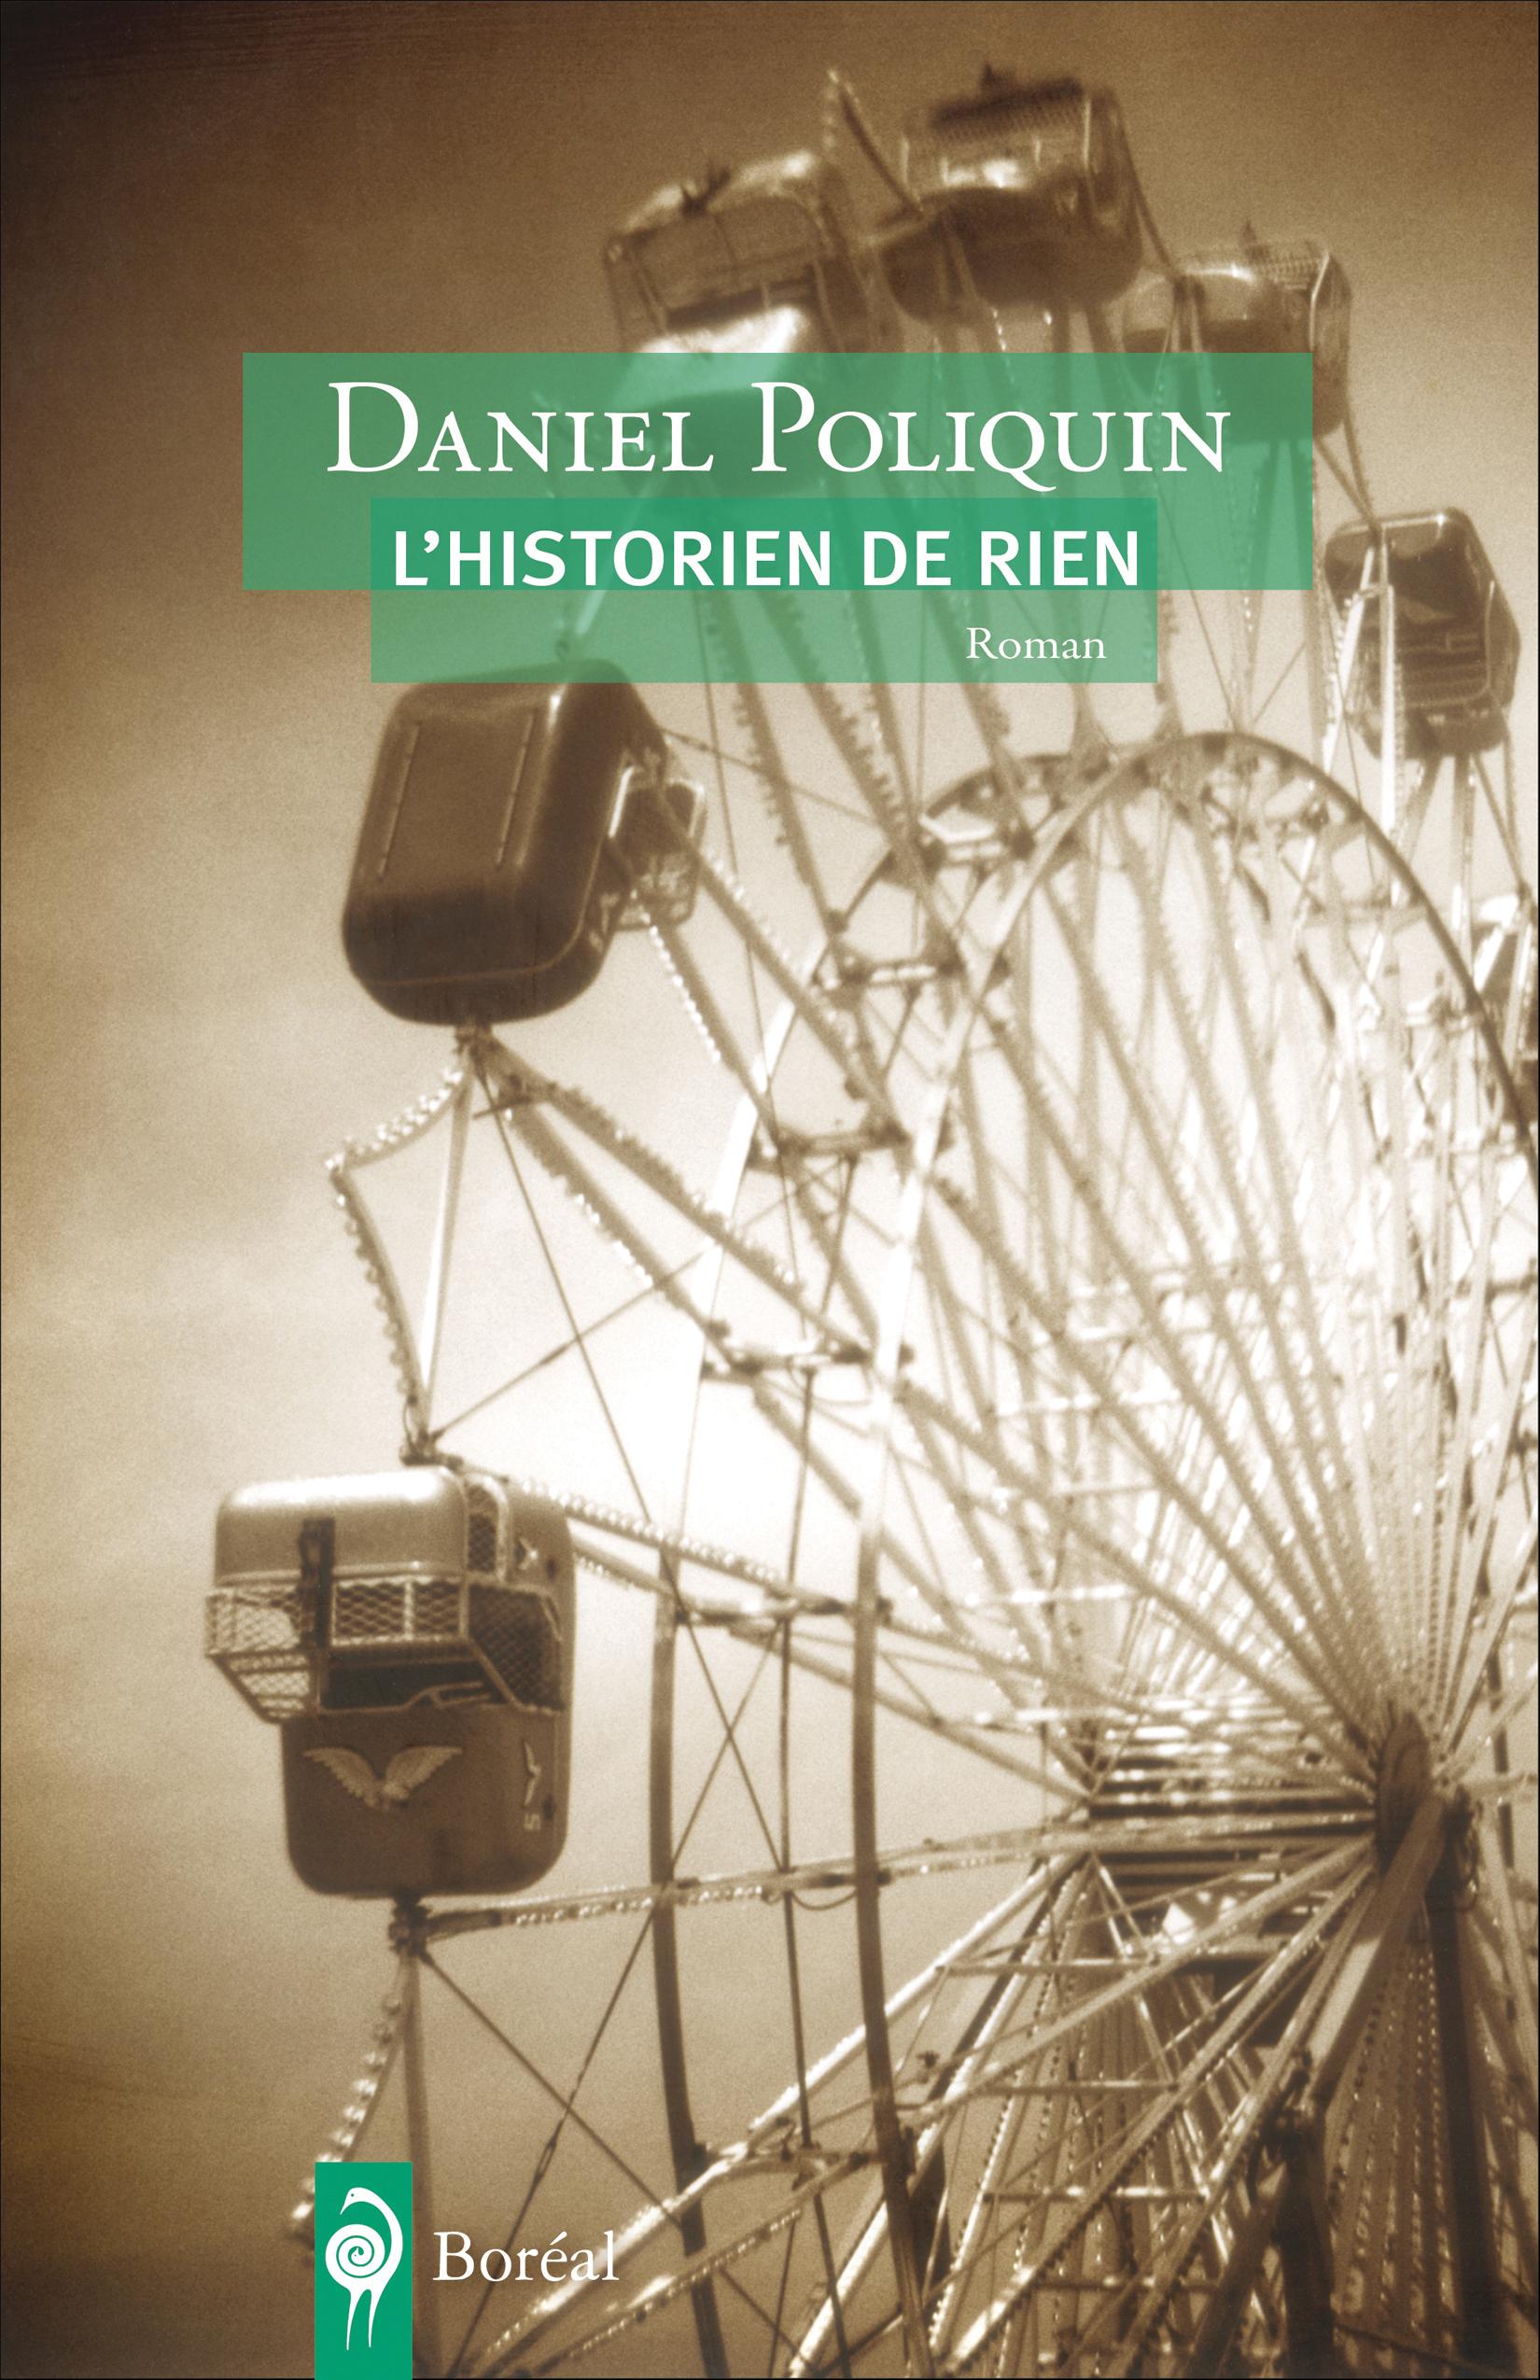 Couverture : Historien de rien (L') Daniel Poliquin